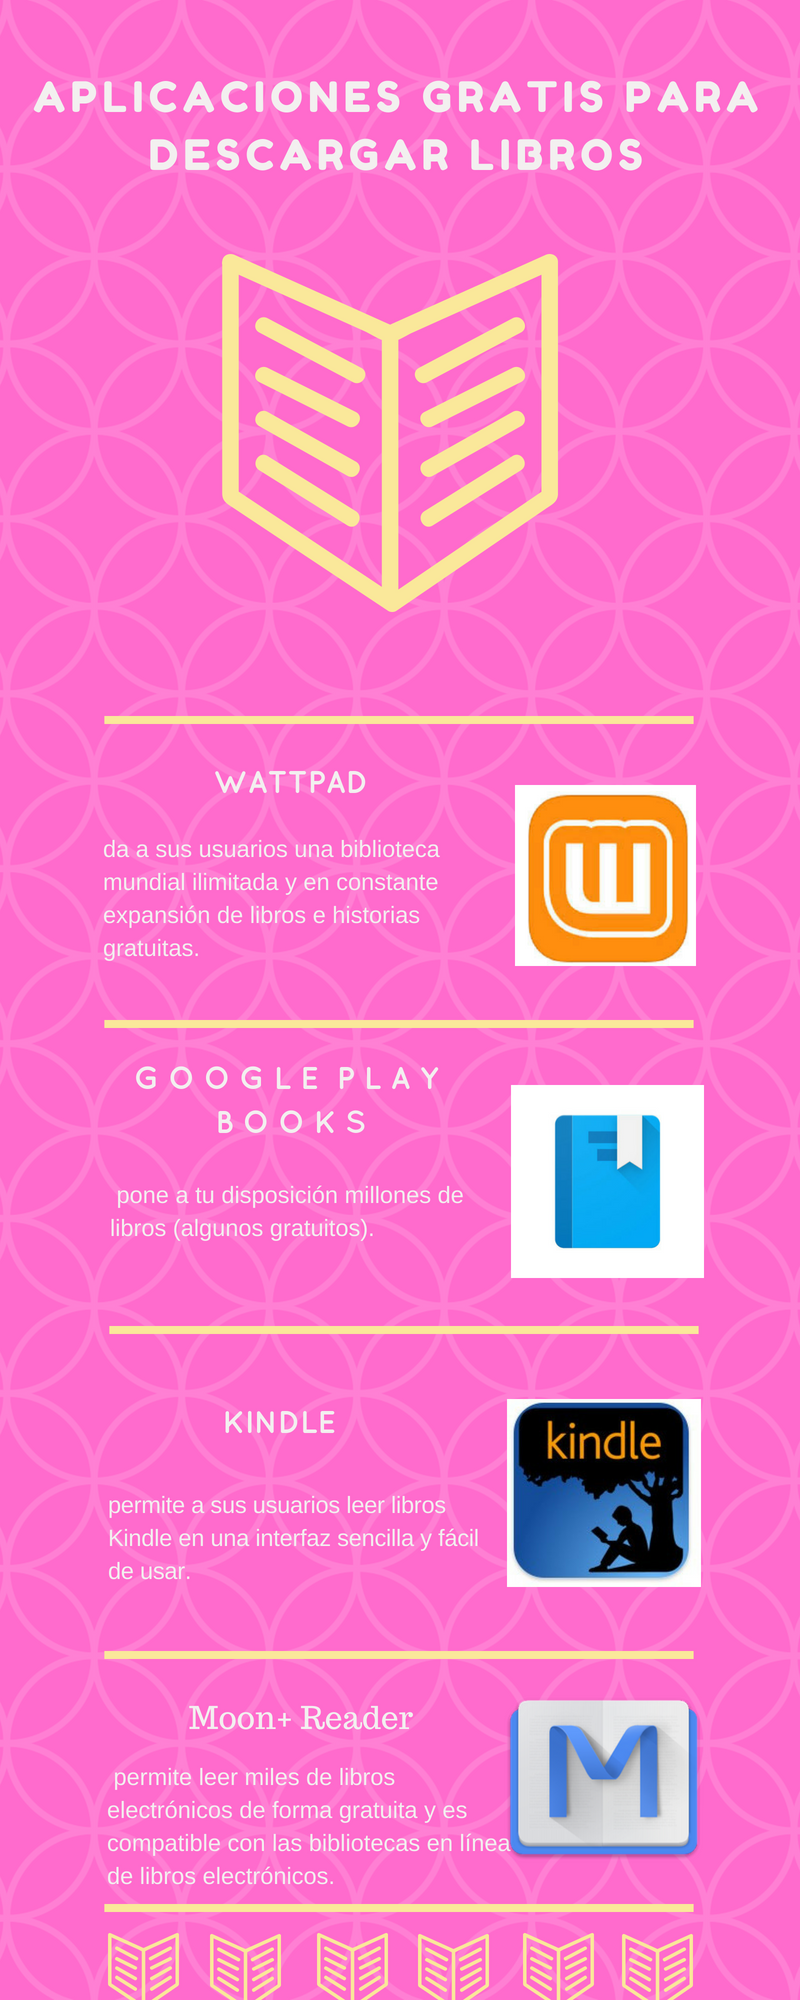 apps para descargar libros gratis